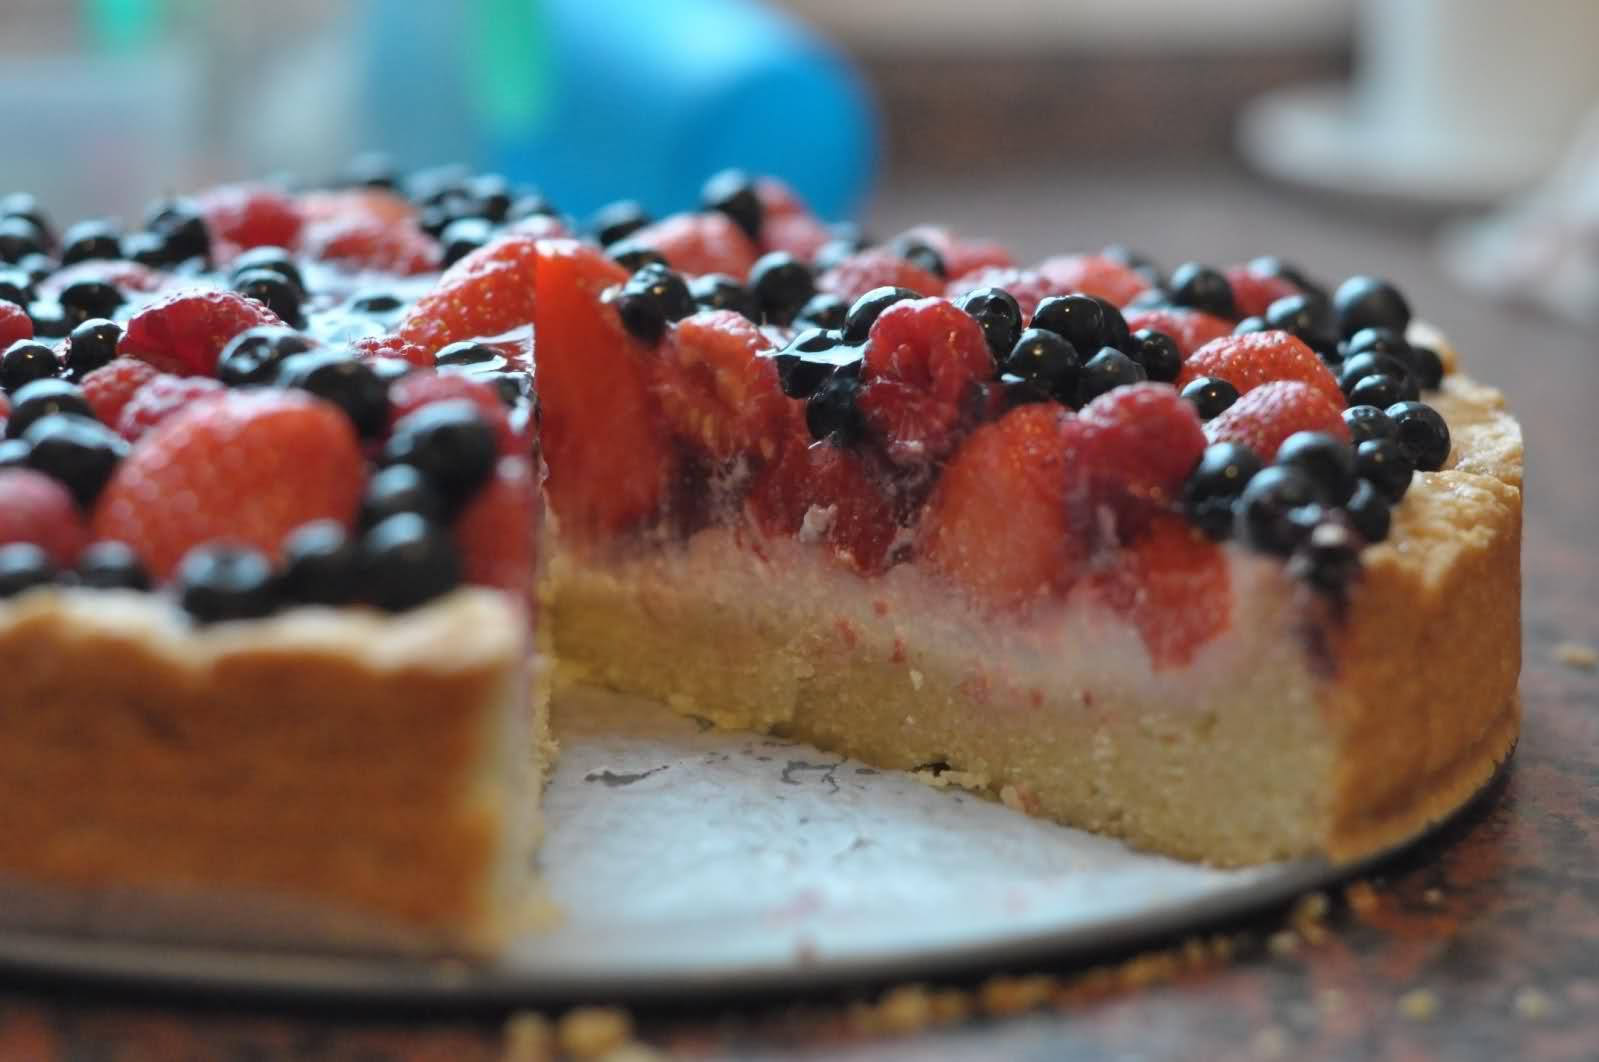 дыра термин, пироги со свежими ягодами рецепты с фото деревню однажды приехал